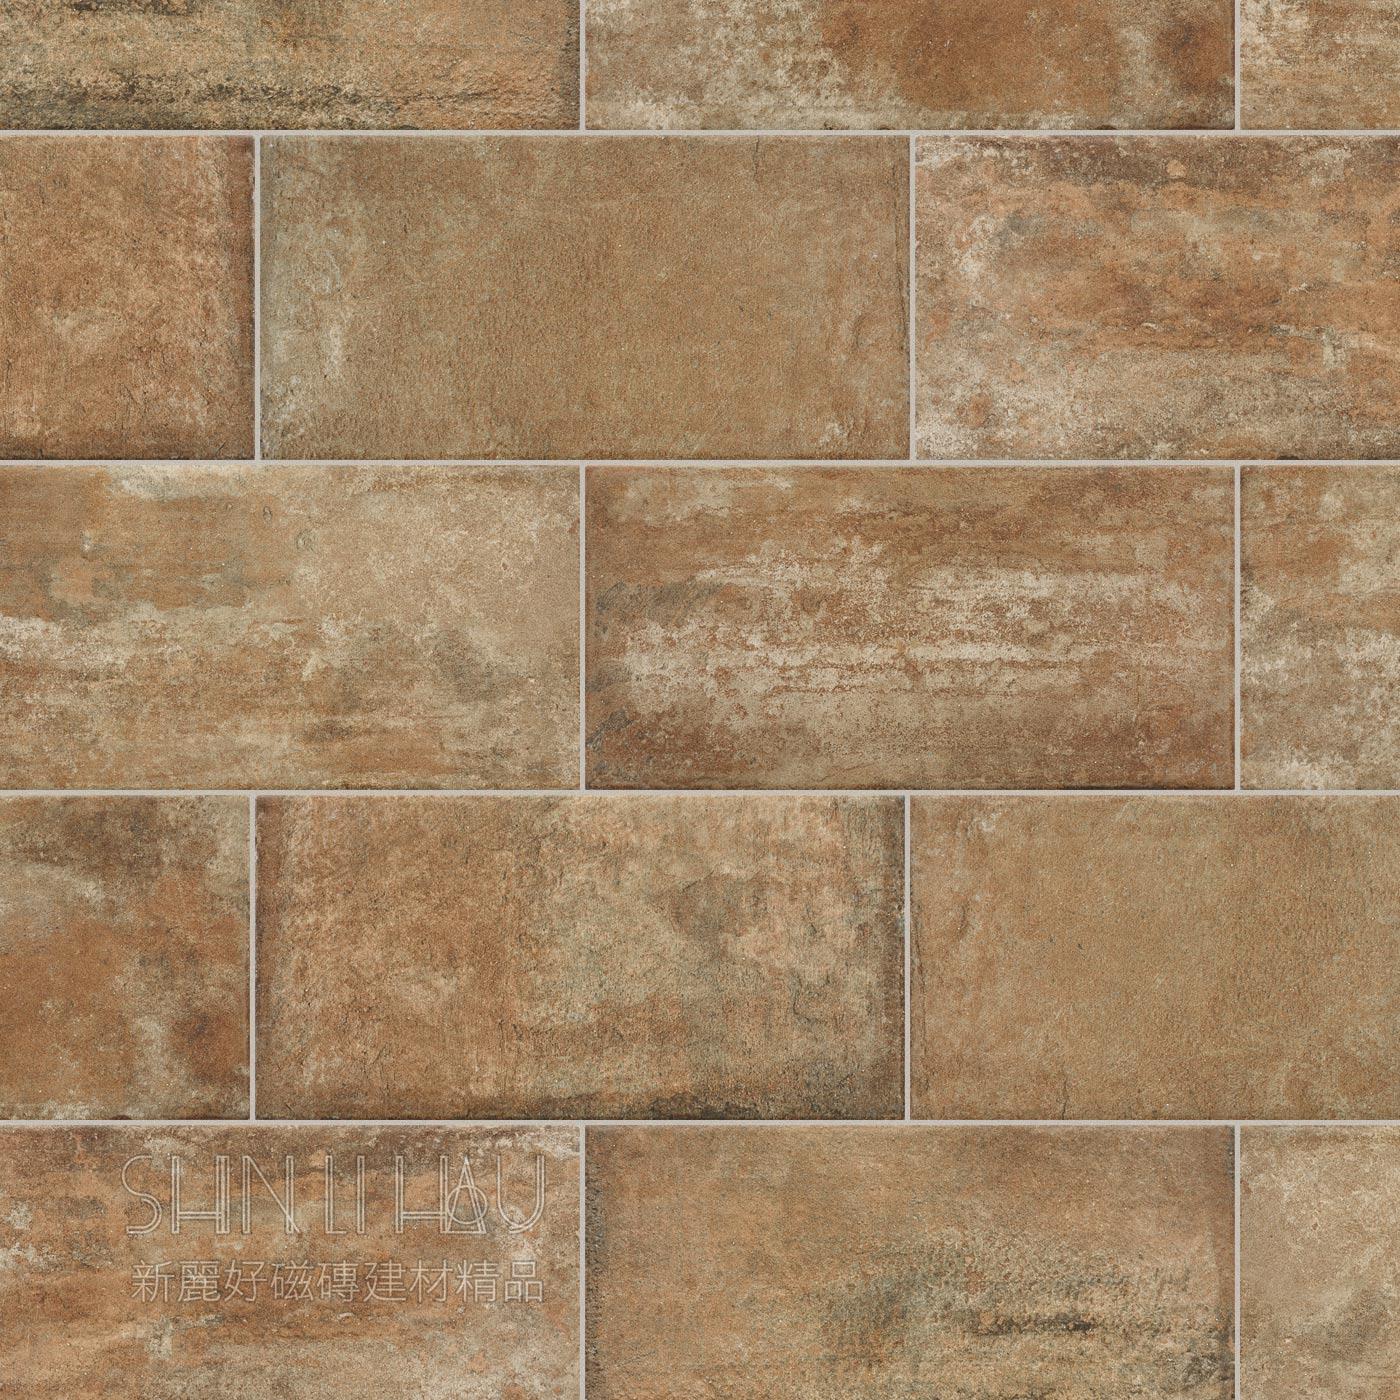 英倫情懷-工業風老磚、文化石、紅磚、水泥磚、銹磚、古堡磚 - 土窯紅